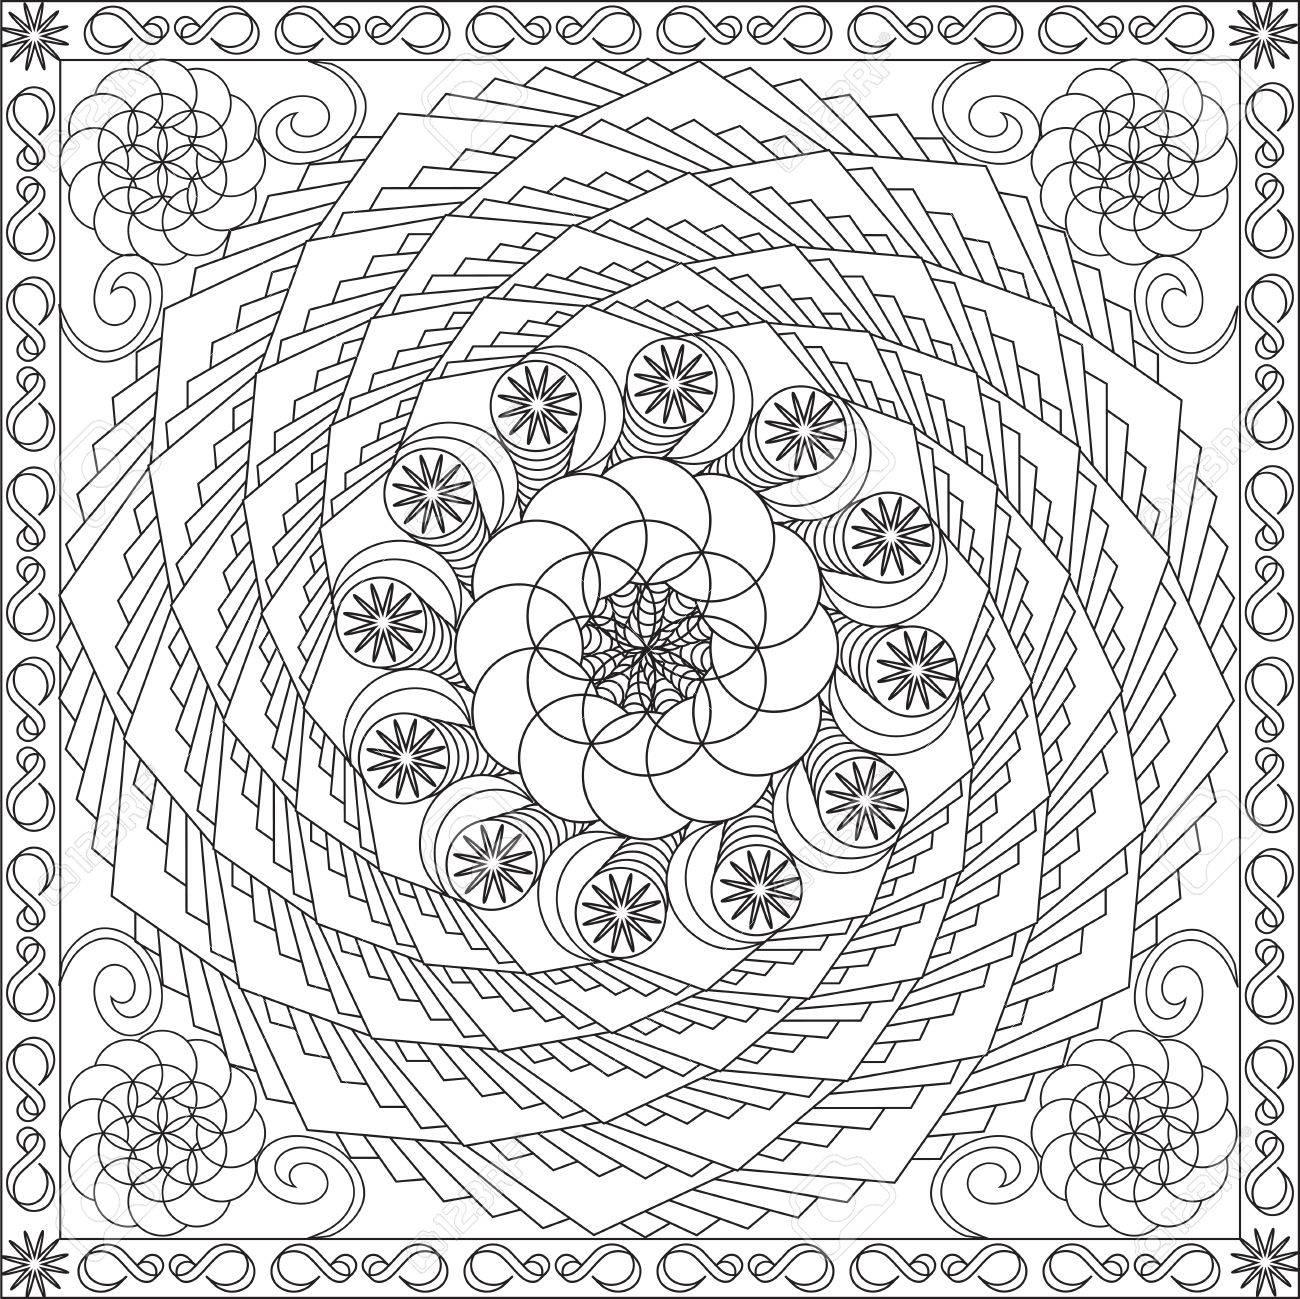 大人スクエア フォーマット スパイラル幾何花デザイン ベクトル イラスト